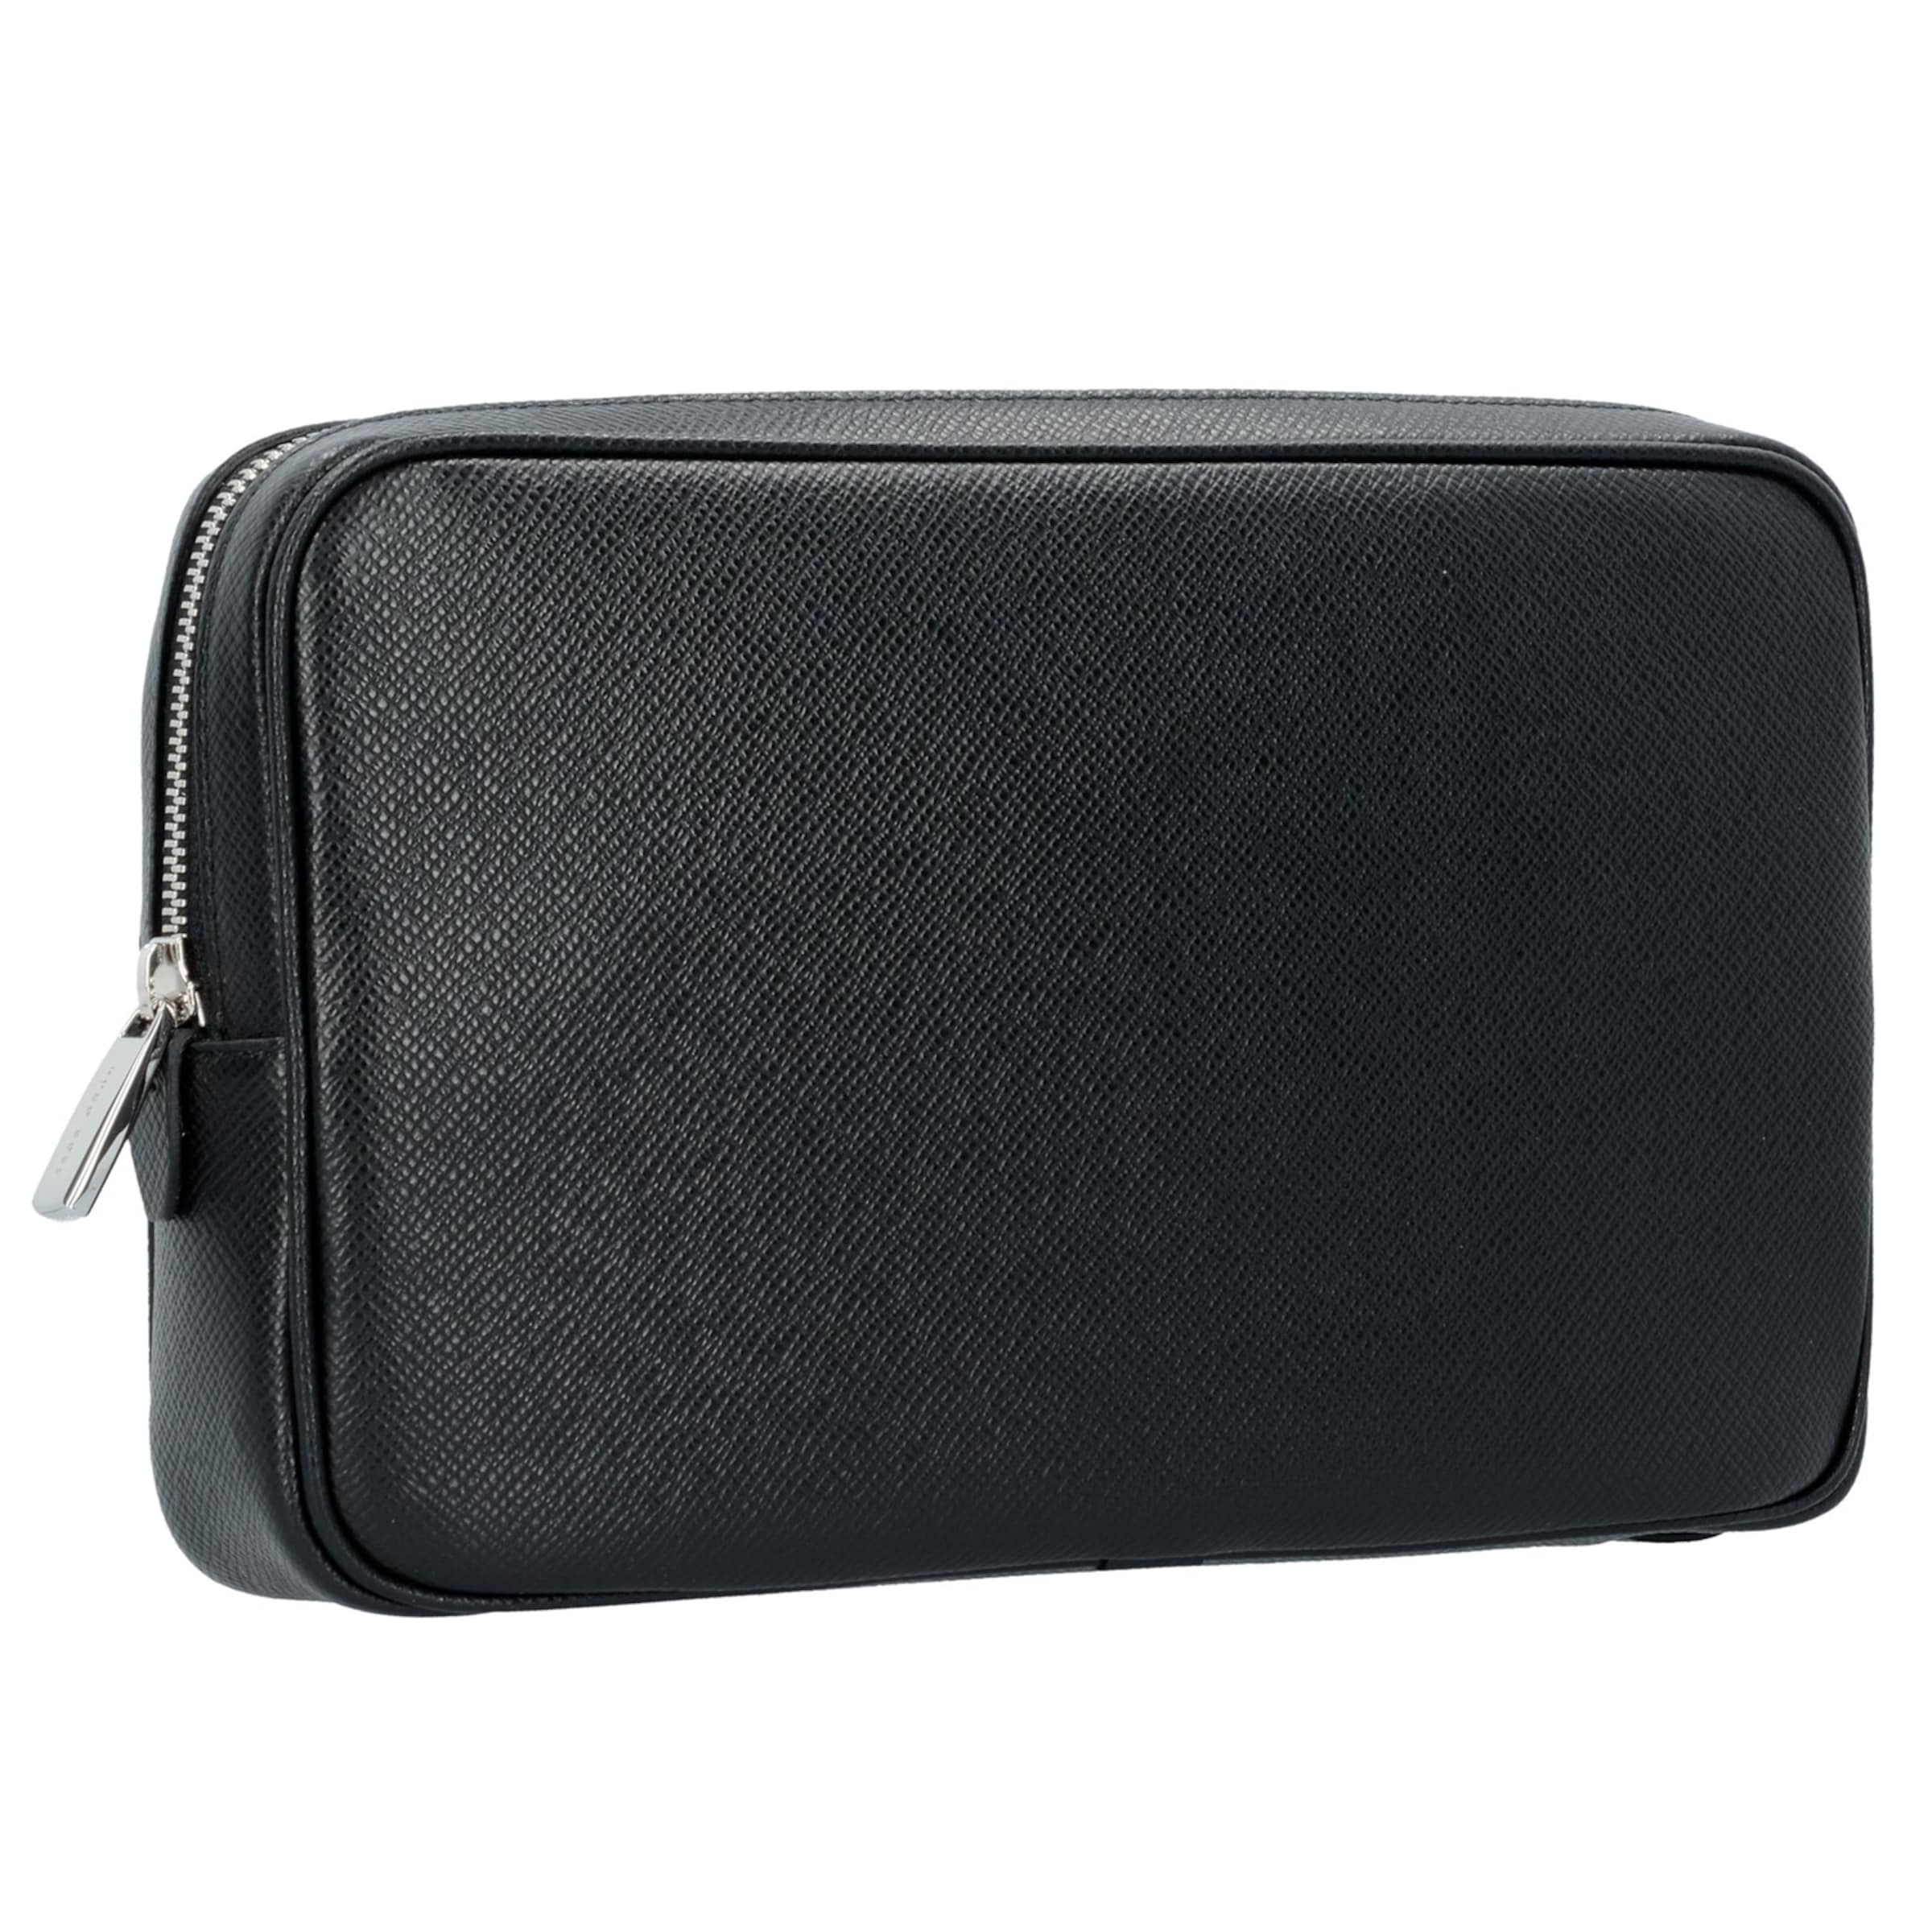 Billig Vermarktbare Günstig Kaufen Neuesten Kollektionen BOSS 'Signature' Businesstasche Leder 27 cm EMSKaSVTV